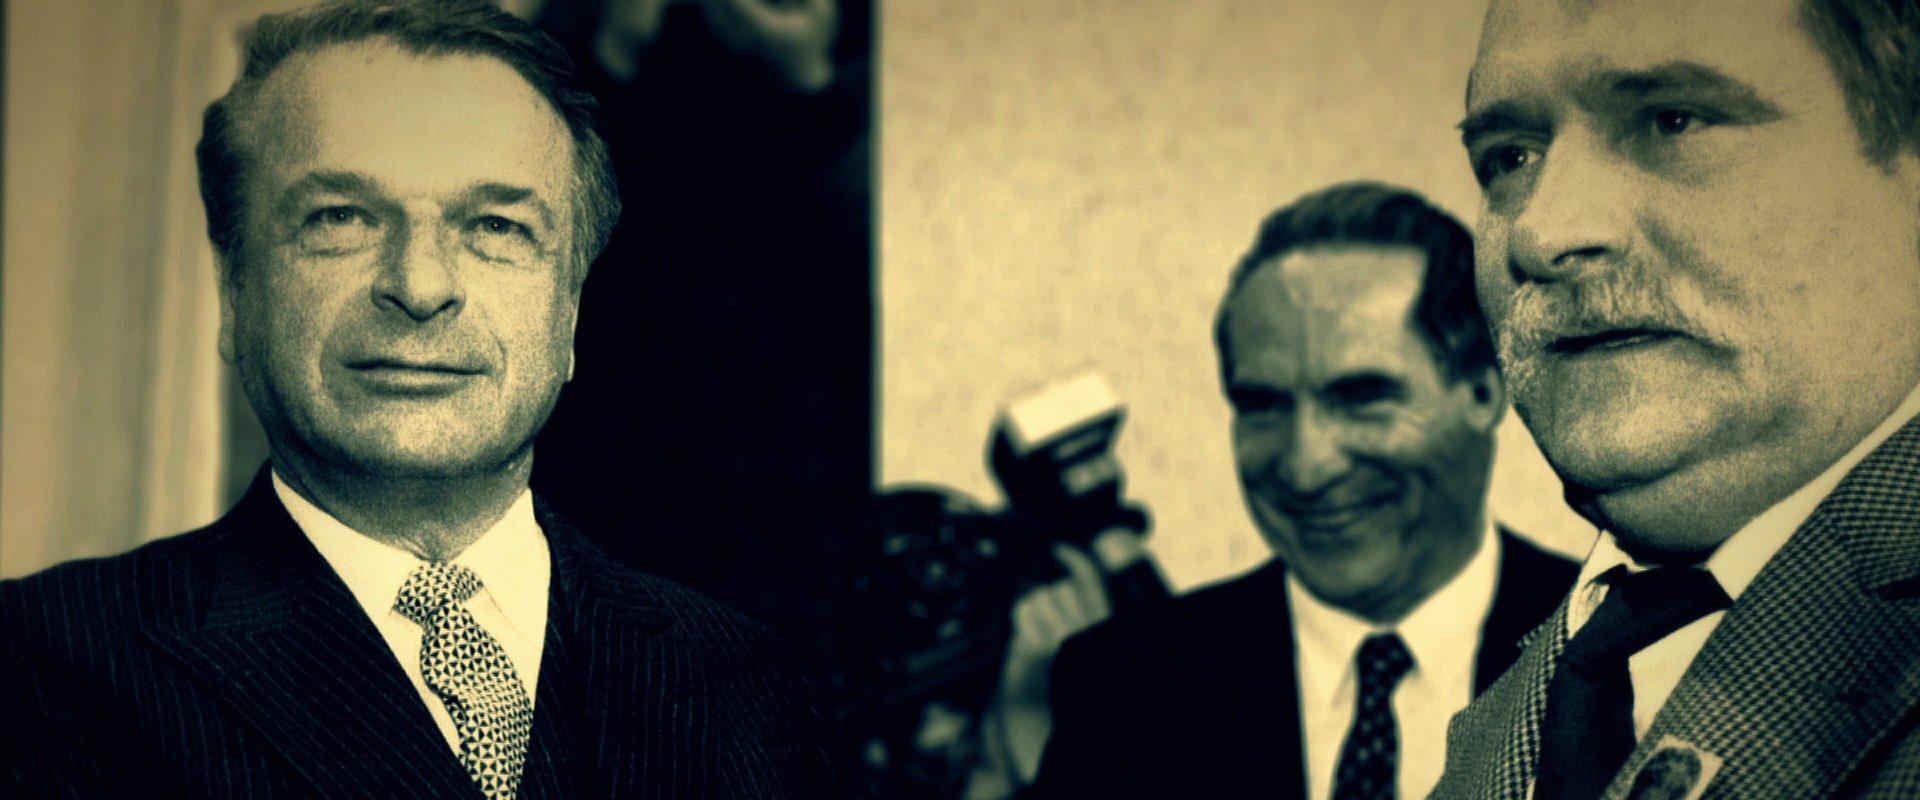 """Co łączy Lecha Wałęsę, Barta Simpsona i Dolinę Krzemową? Odpowiedź w serialu """"1989 – globalna rewolucja"""" w styczniu na kanale National Geographic"""